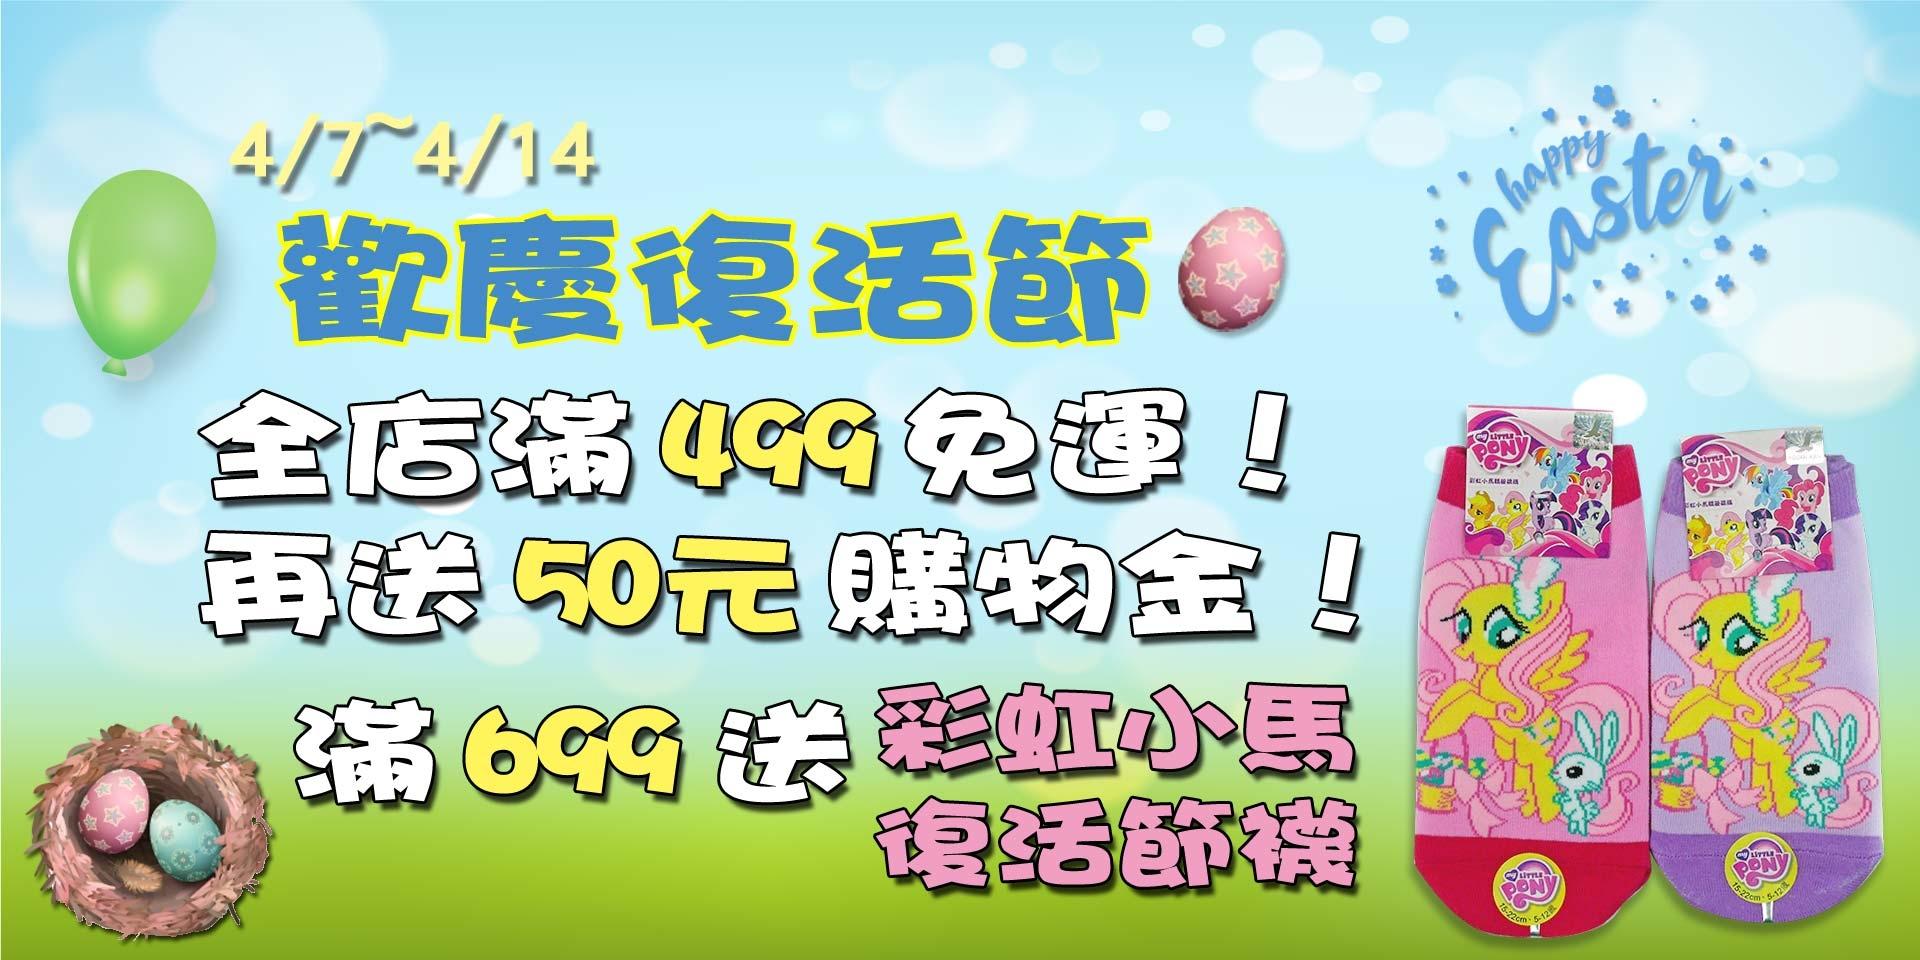 歡慶復活節~滿499元免運!再送50元購物金!